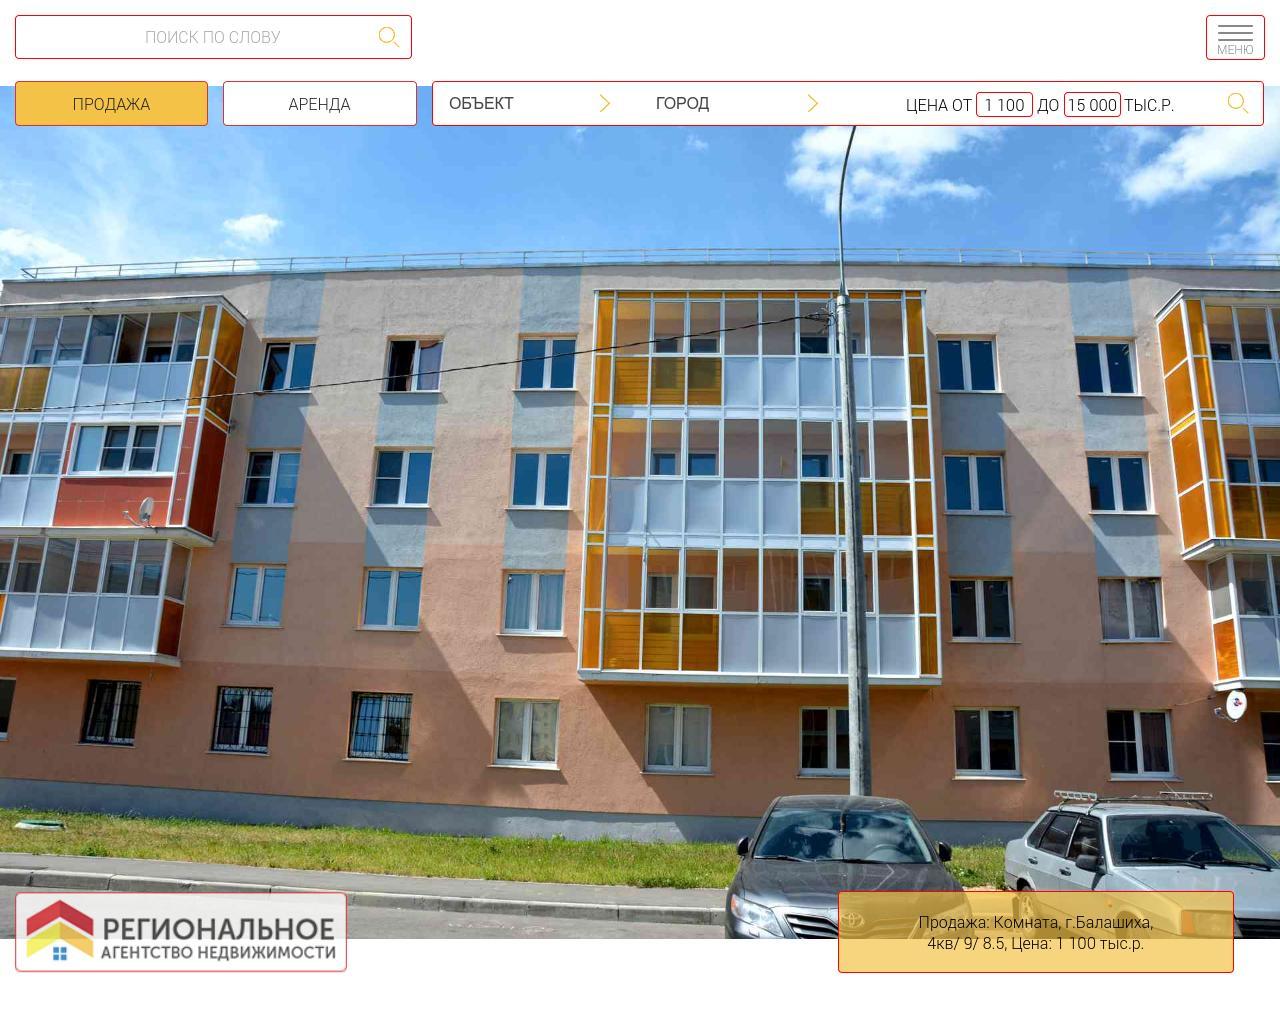 Продаю 3-комнатную квартиру 8184 кв м по цене 4 910 400 руб по адресу московская область, балашиха, ул